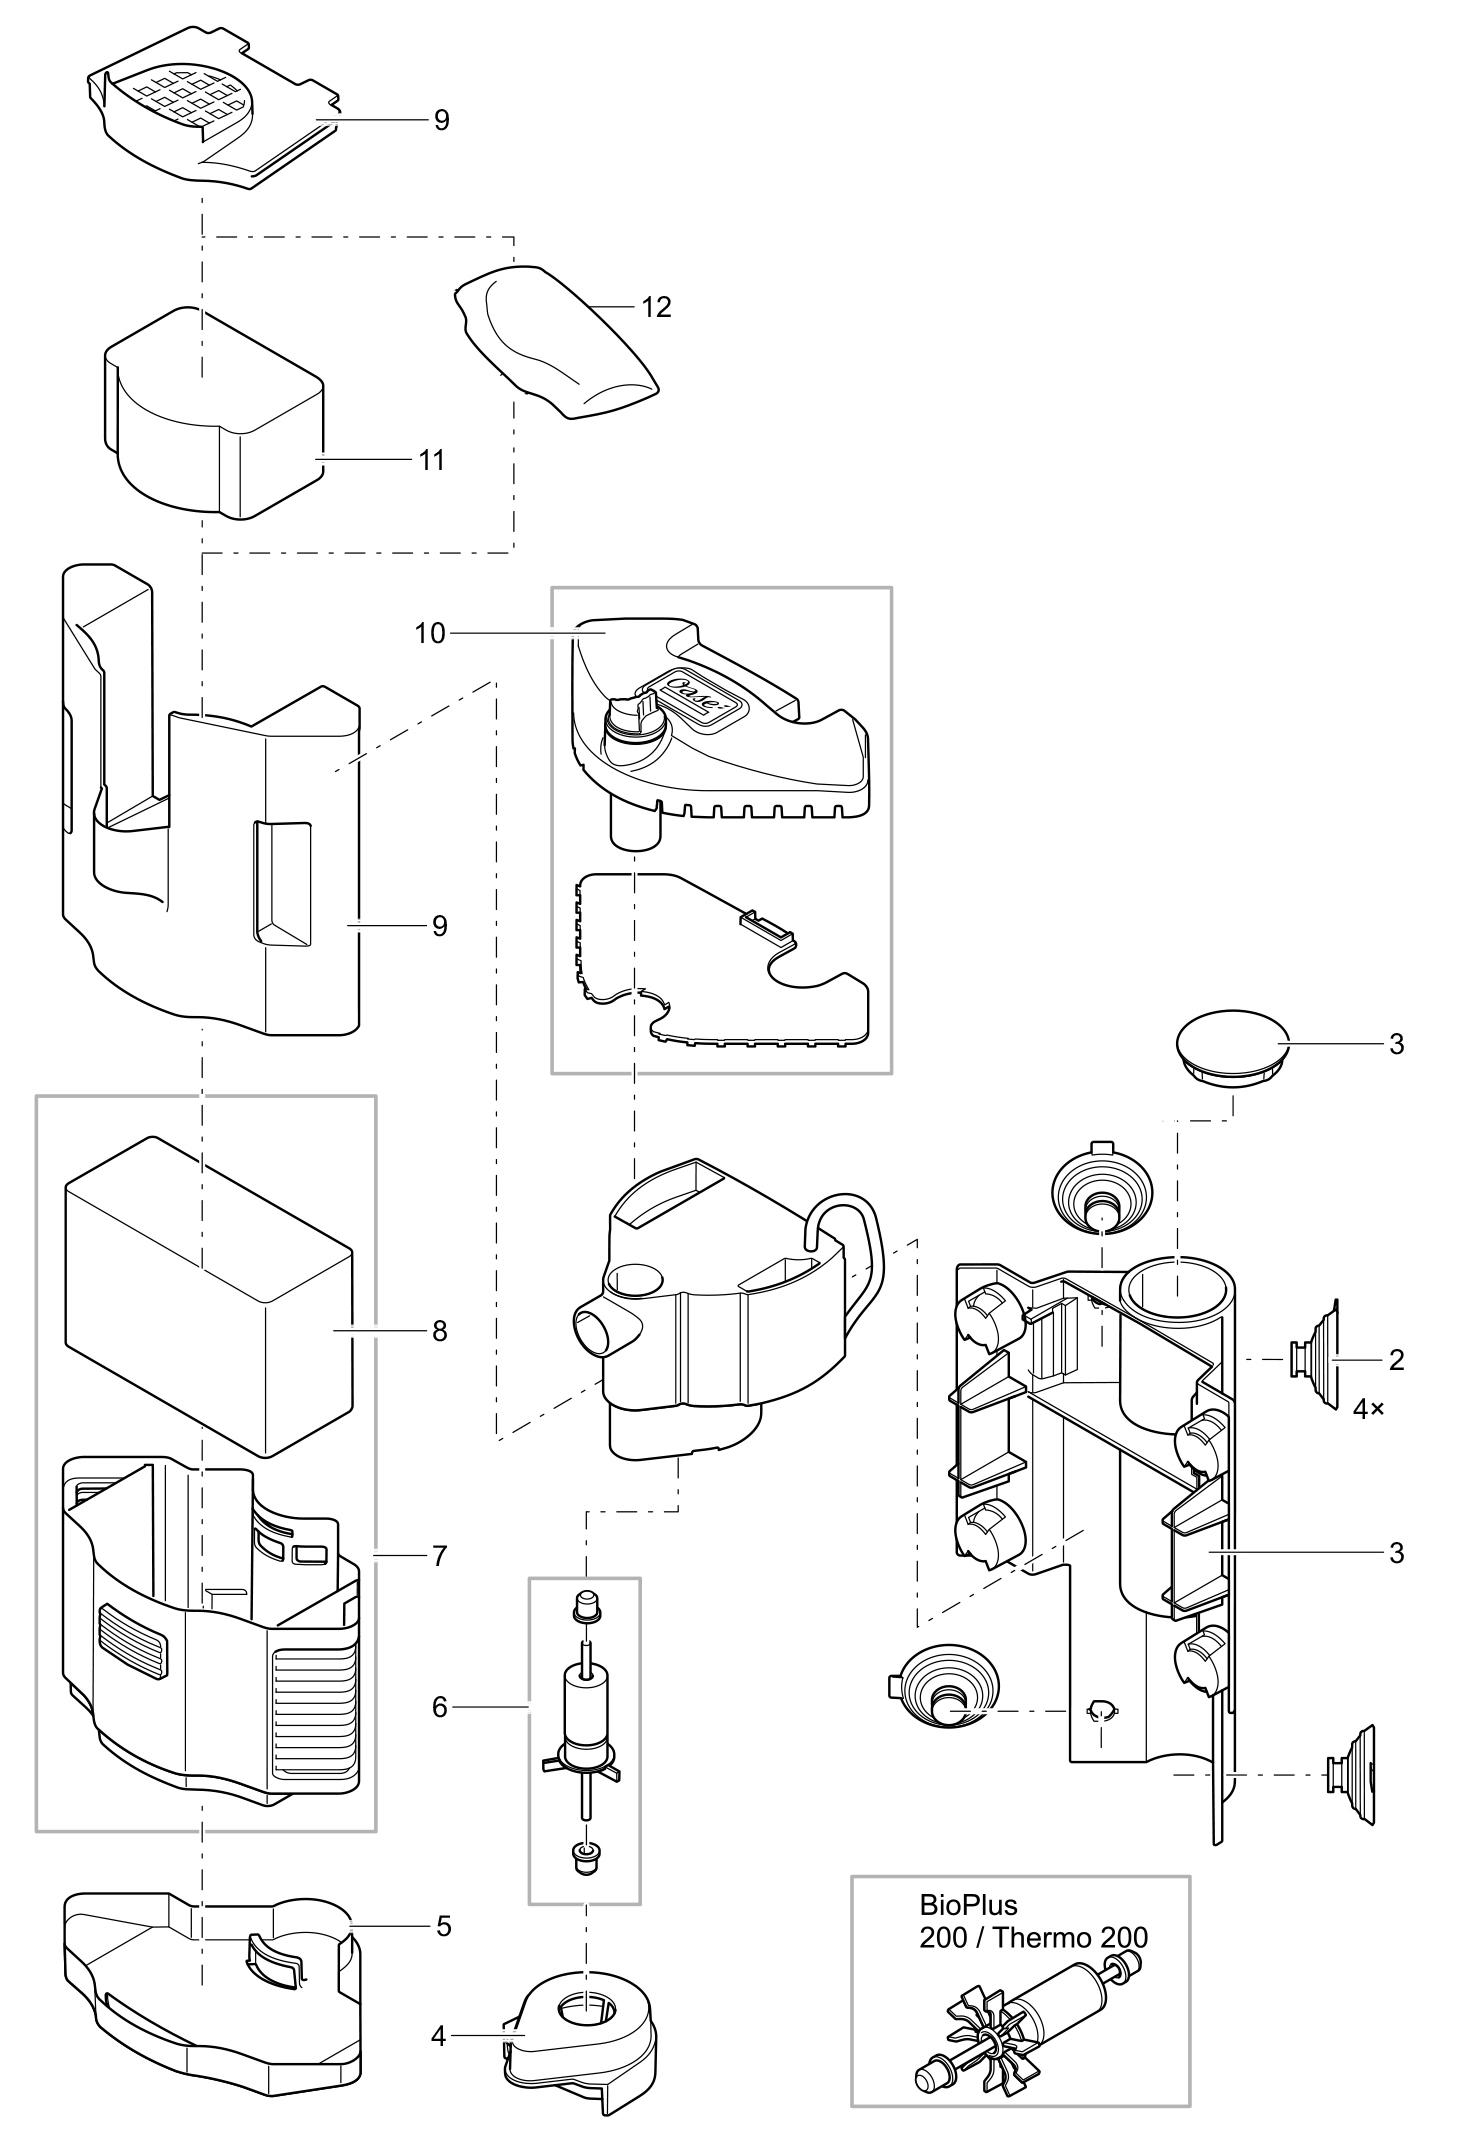 BioPlus 200.jpg